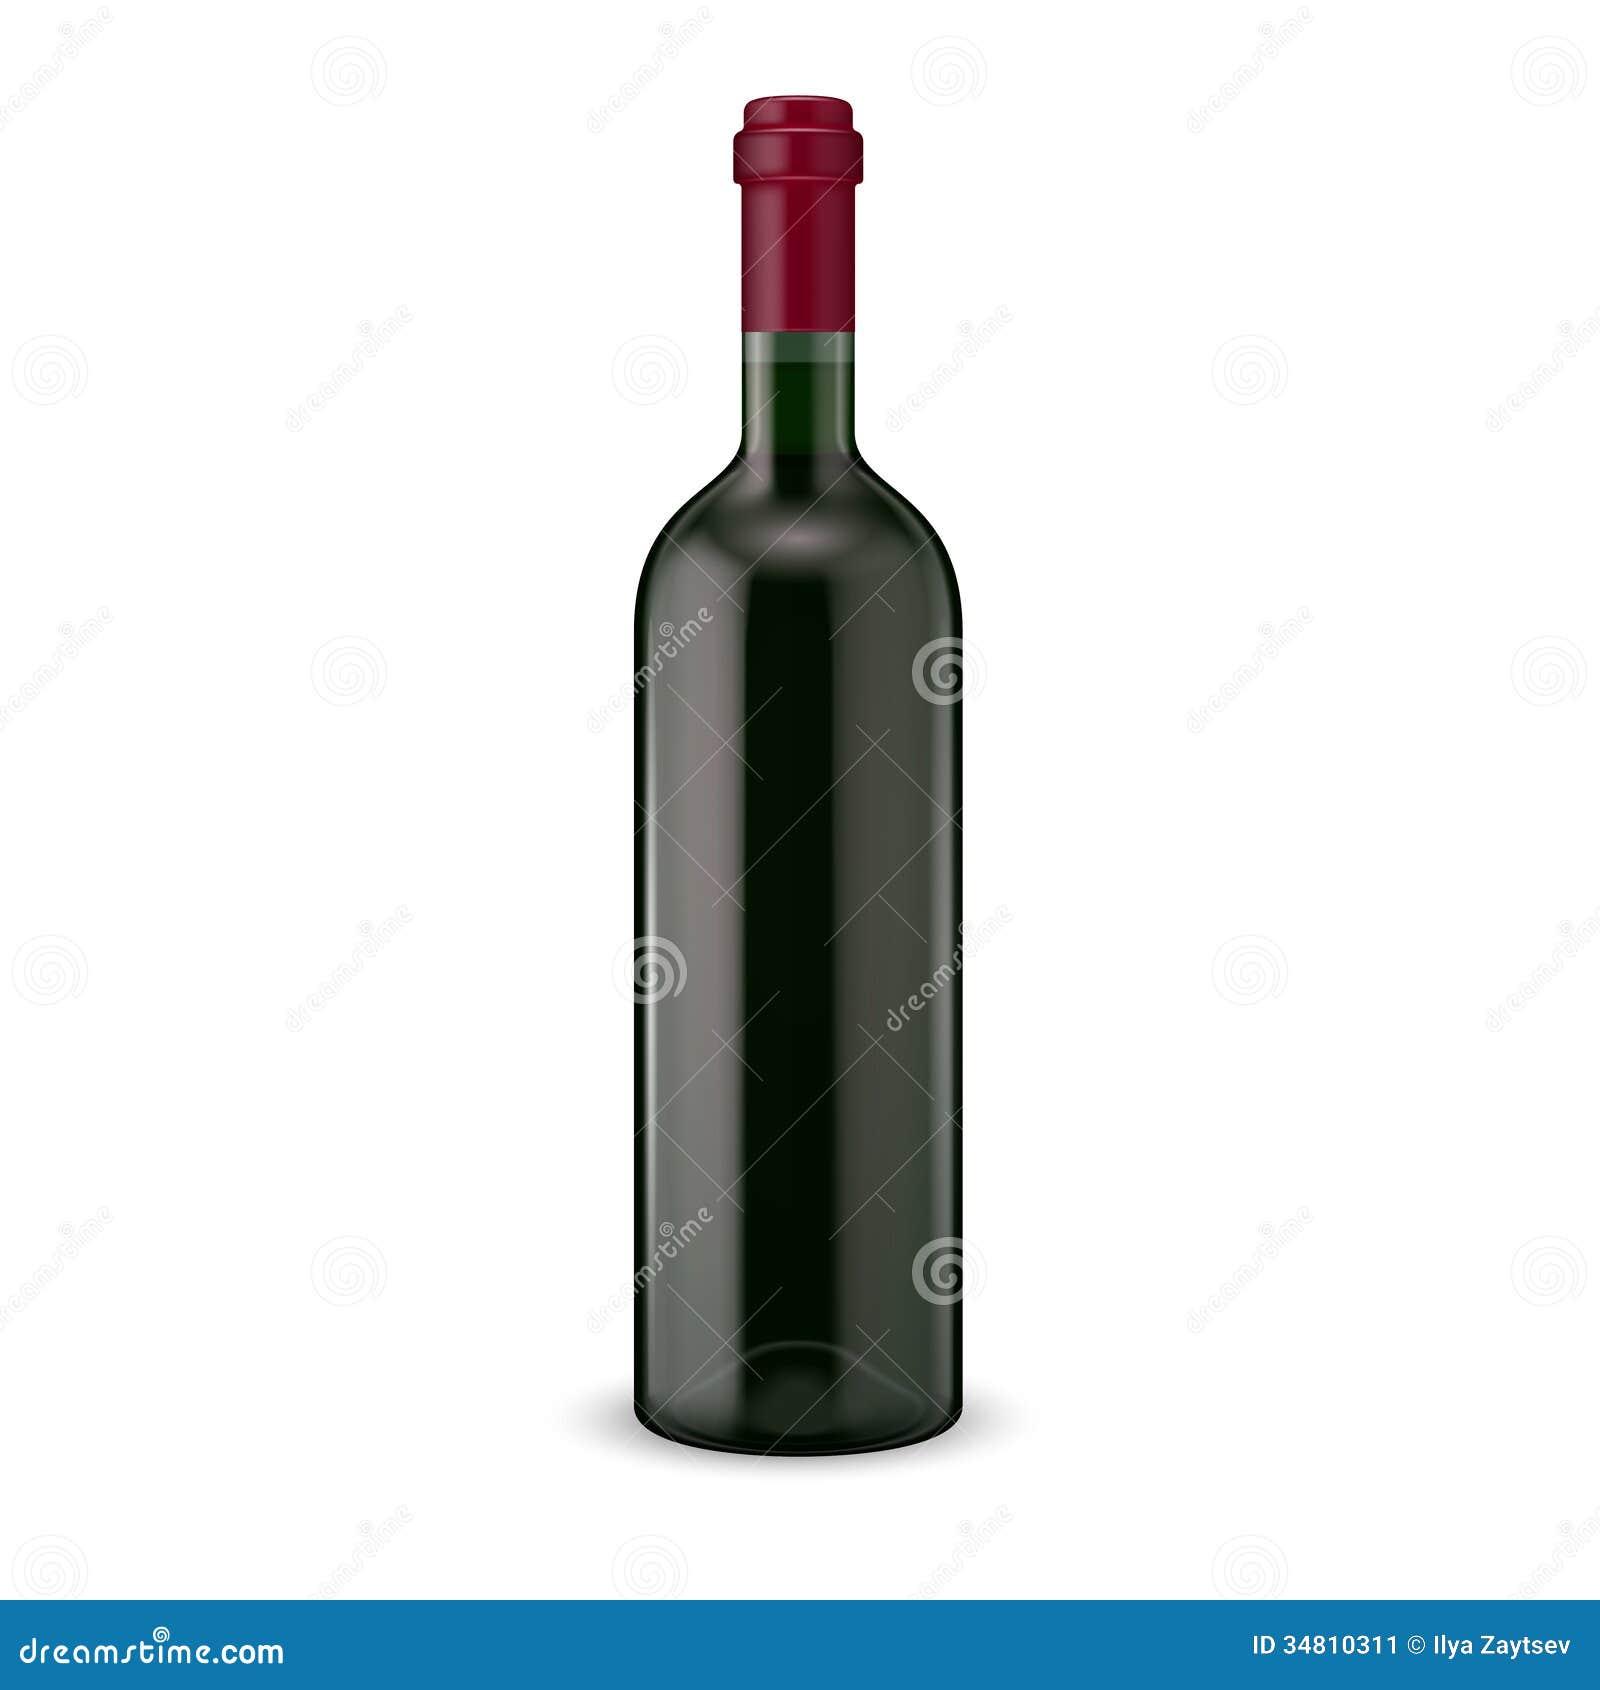 Бутылка красного вина.